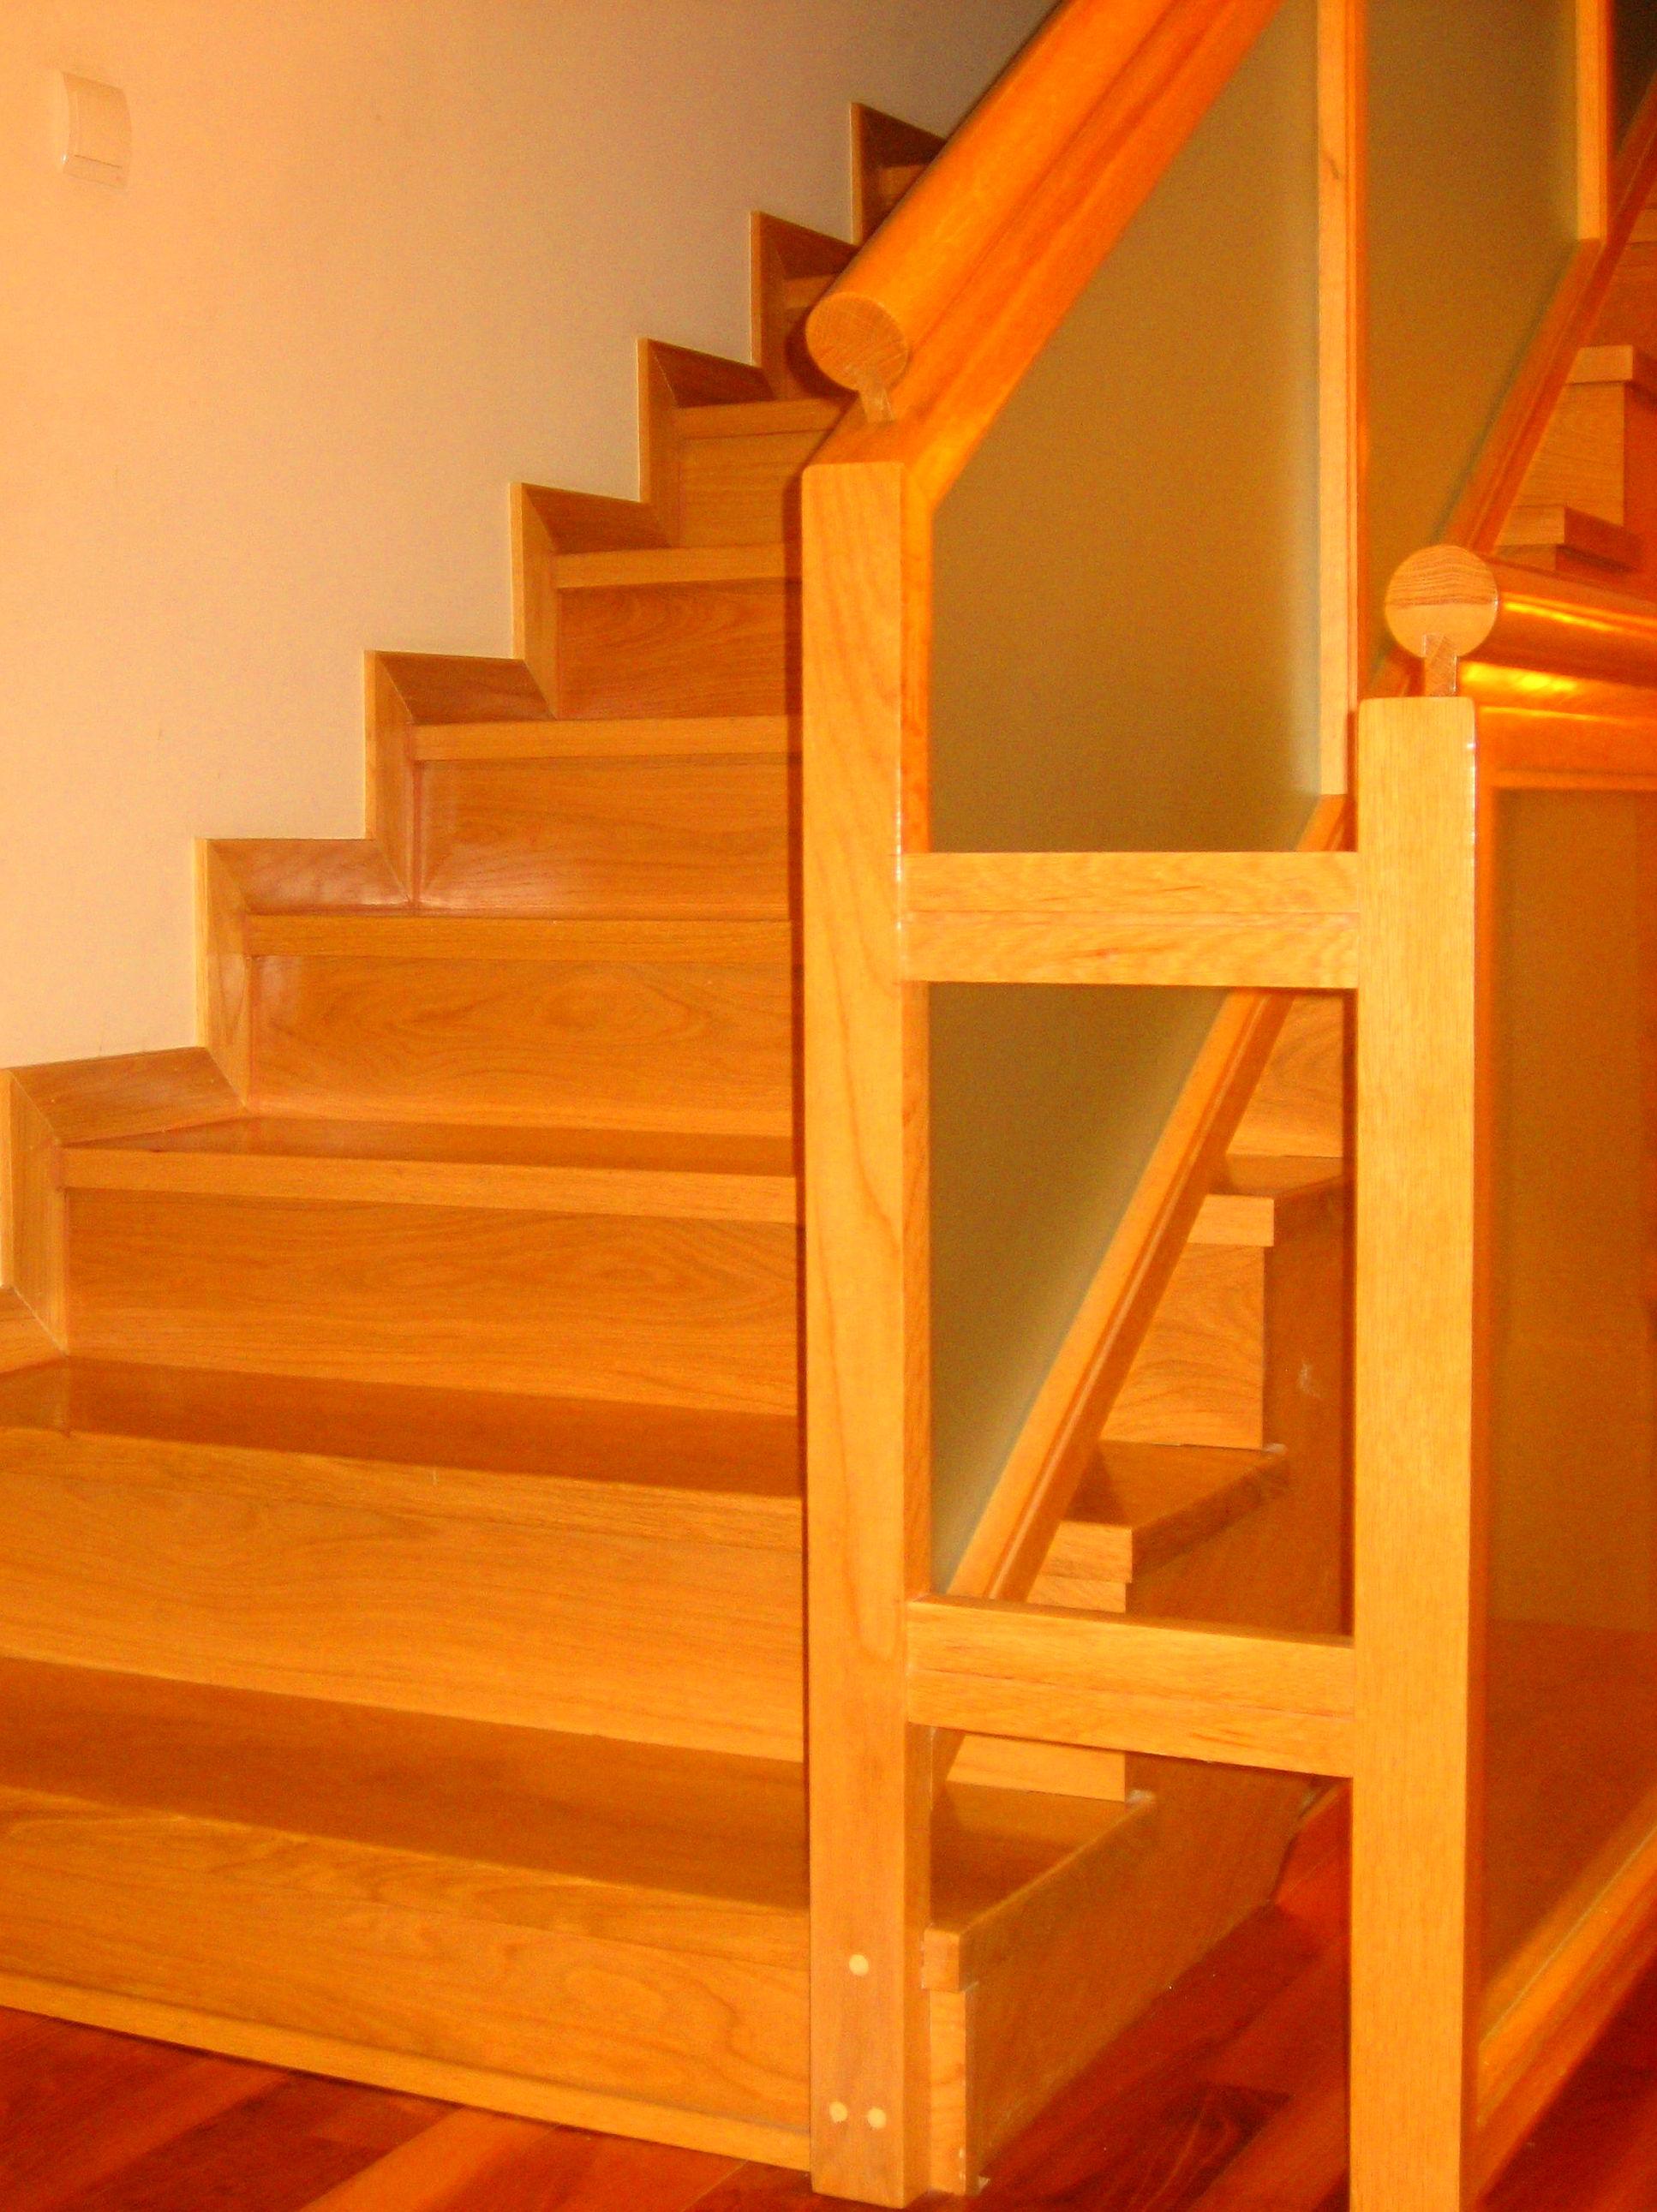 Escalera de madera con barandilla de madera